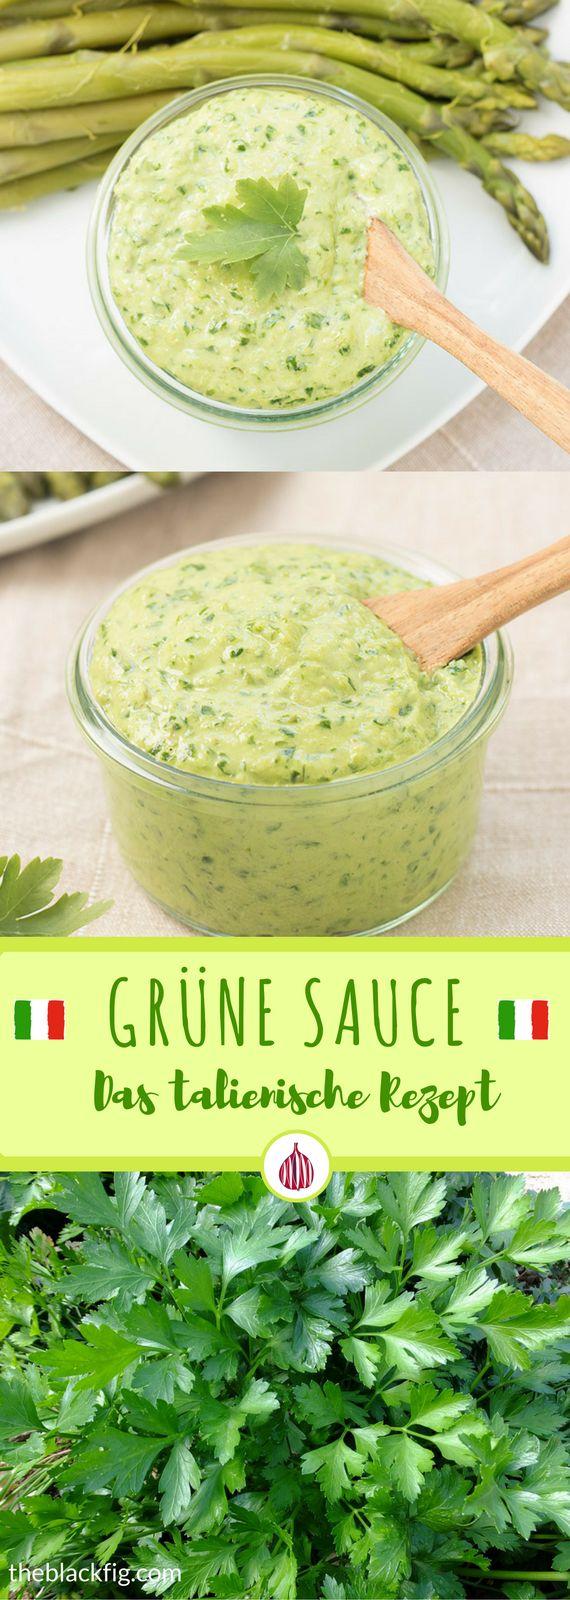 Die grüne Sauce: deutsche vs italienische grüne Sauce. #sauce #italienischkochen